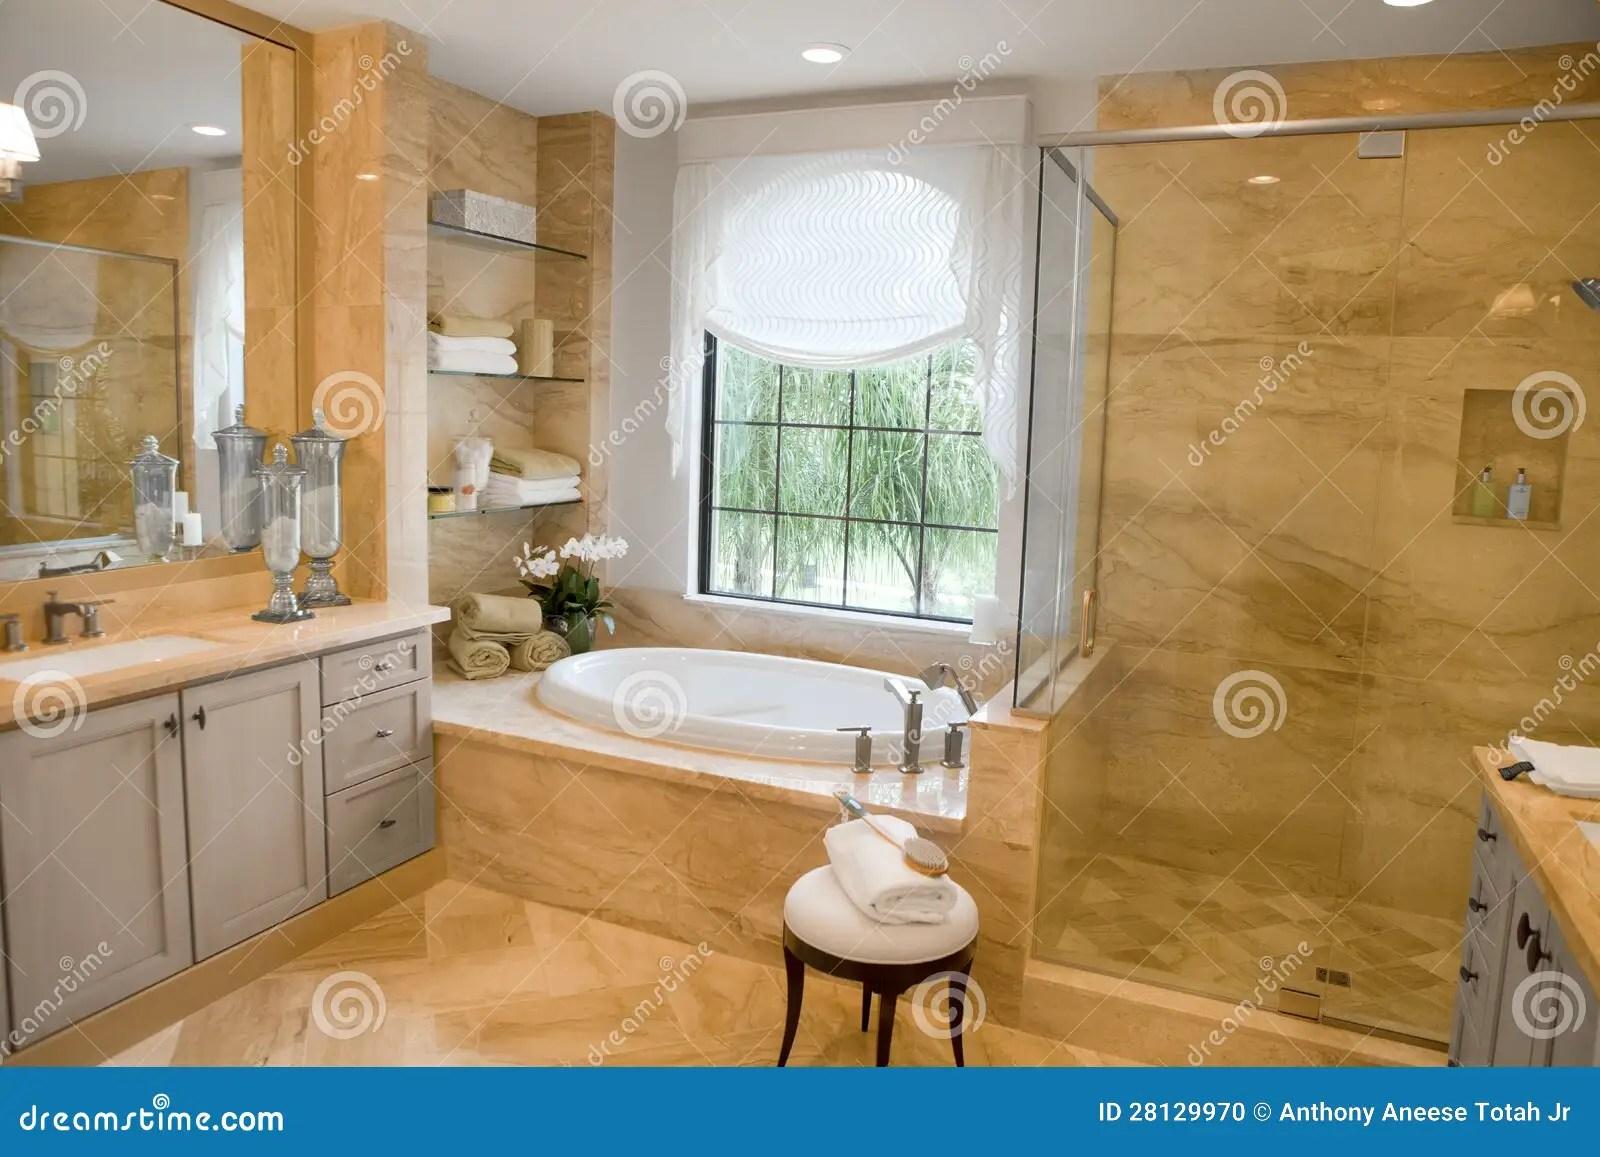 Large Upscale Master Bathroom Stock Photo  Image 28129970